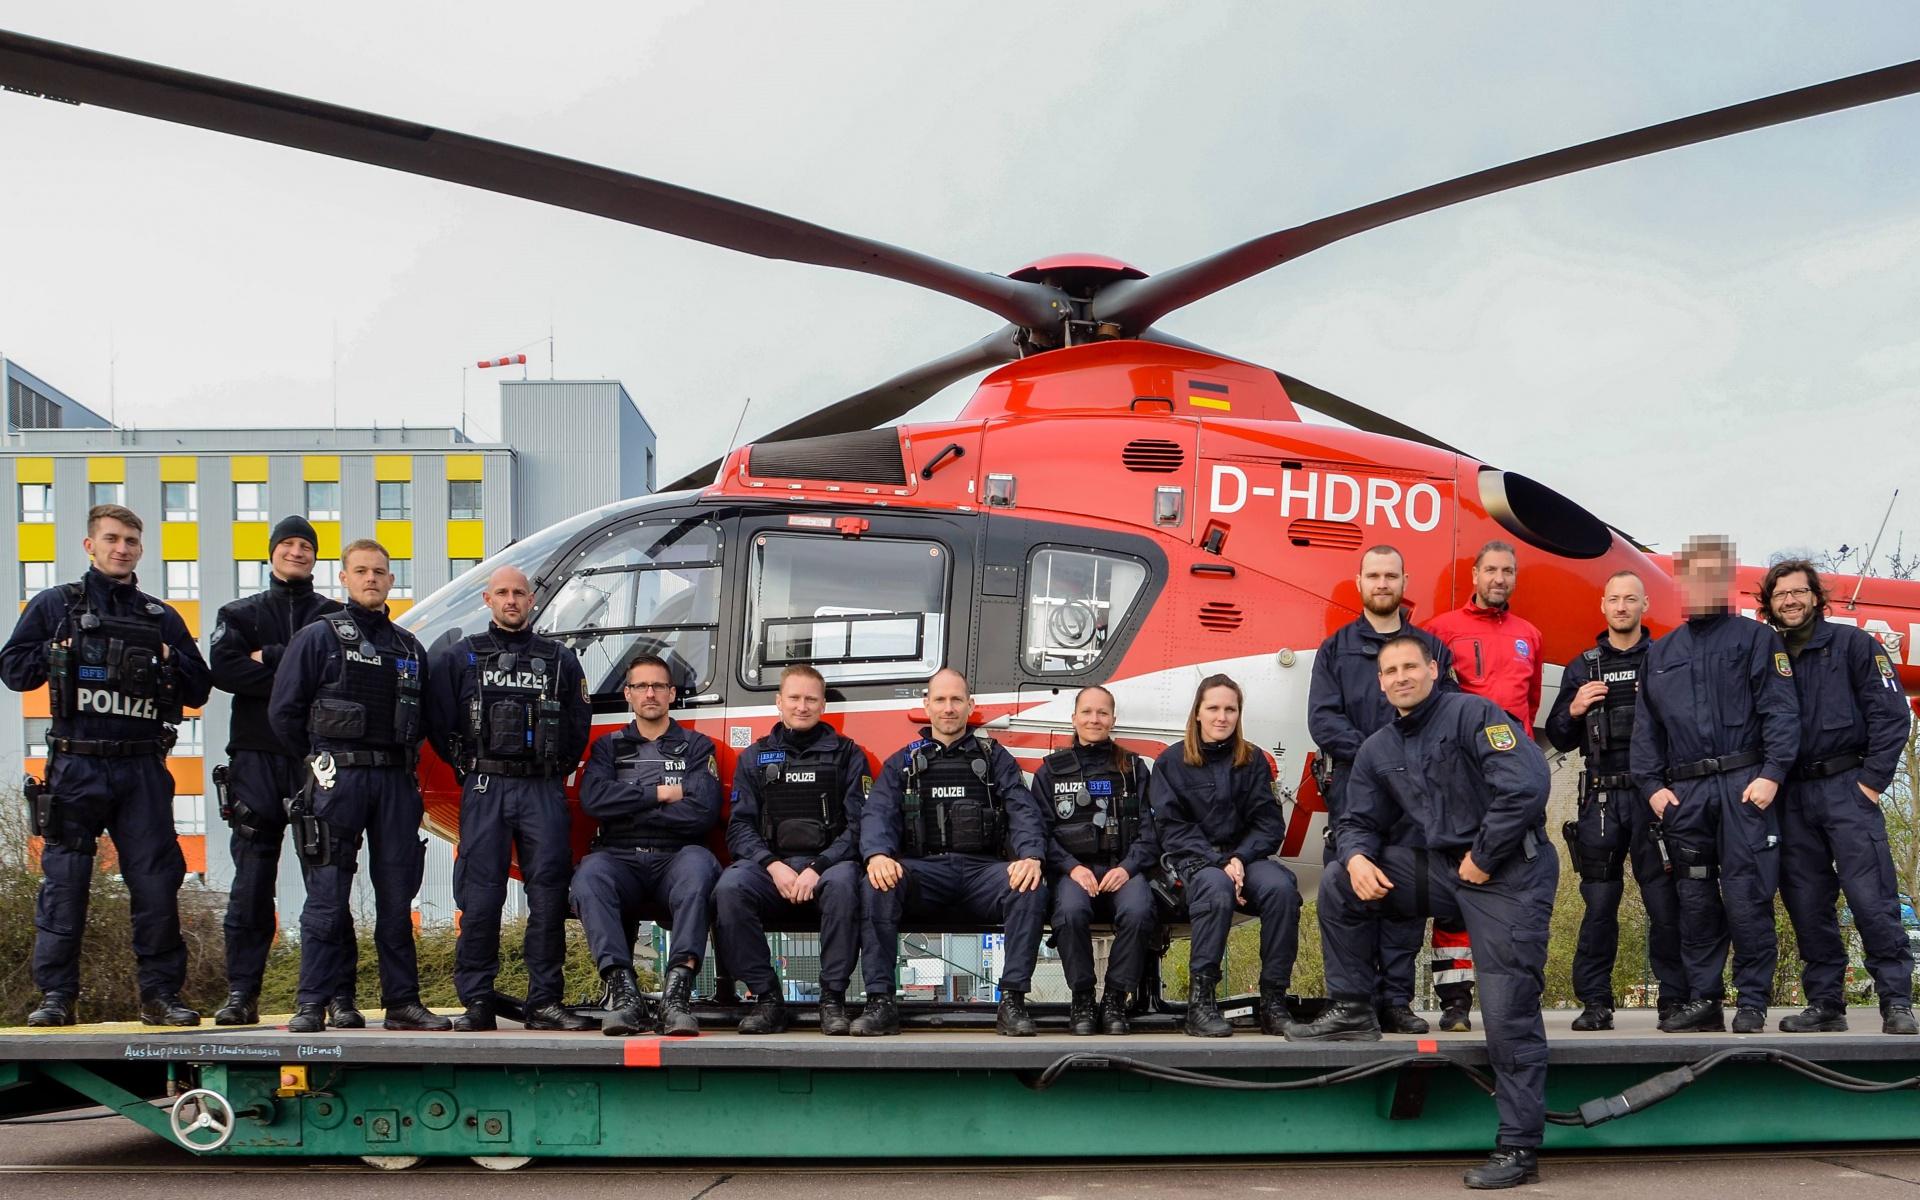 Gruppenbild mit Hubschrauber zum Abschluss des Besuchs.